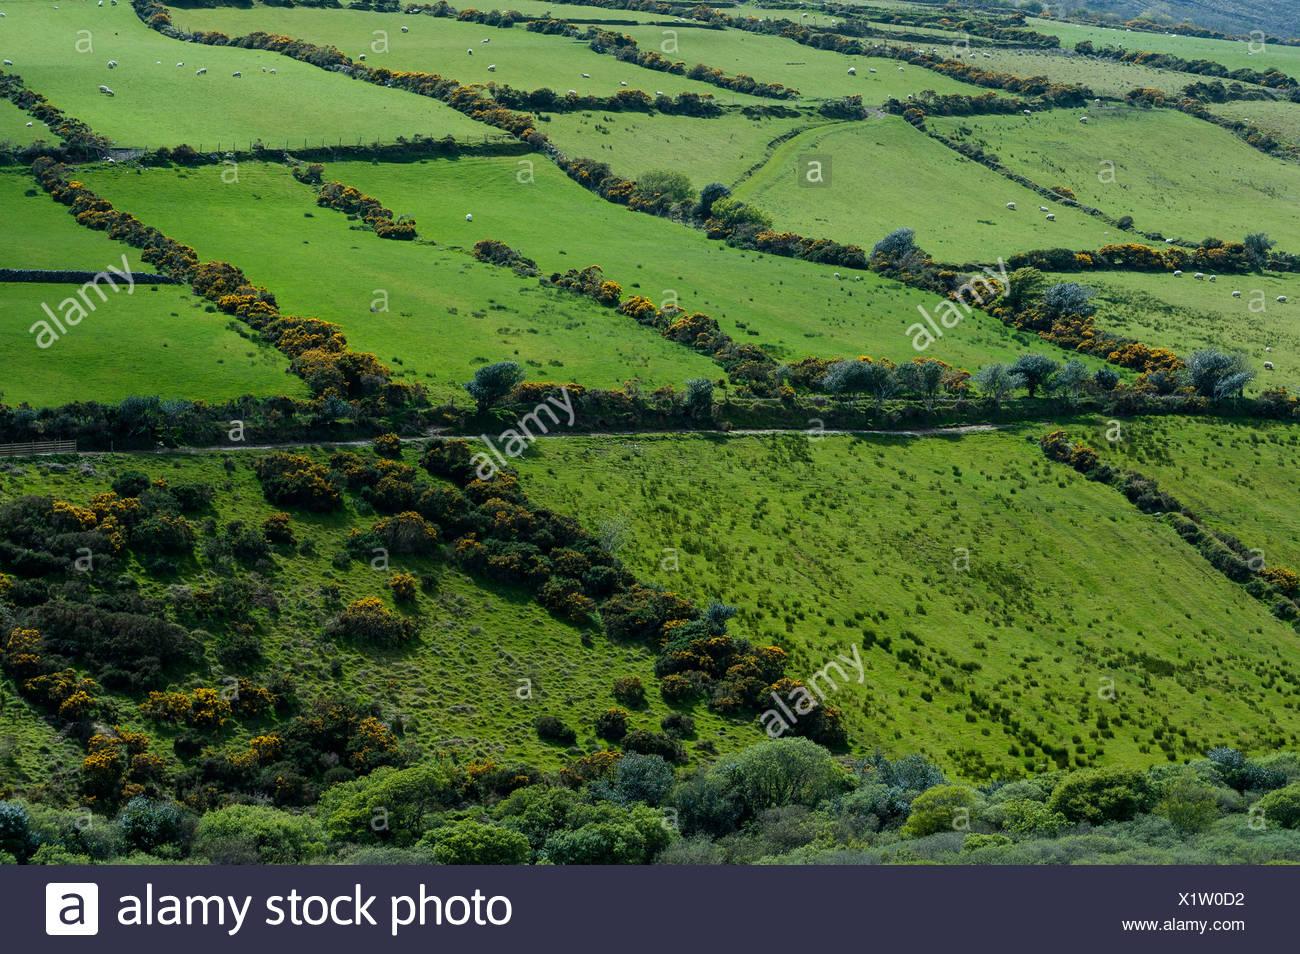 Schaf läuft im grünen, umgeben von Hecken, Republik Irland, Europa Stockbild